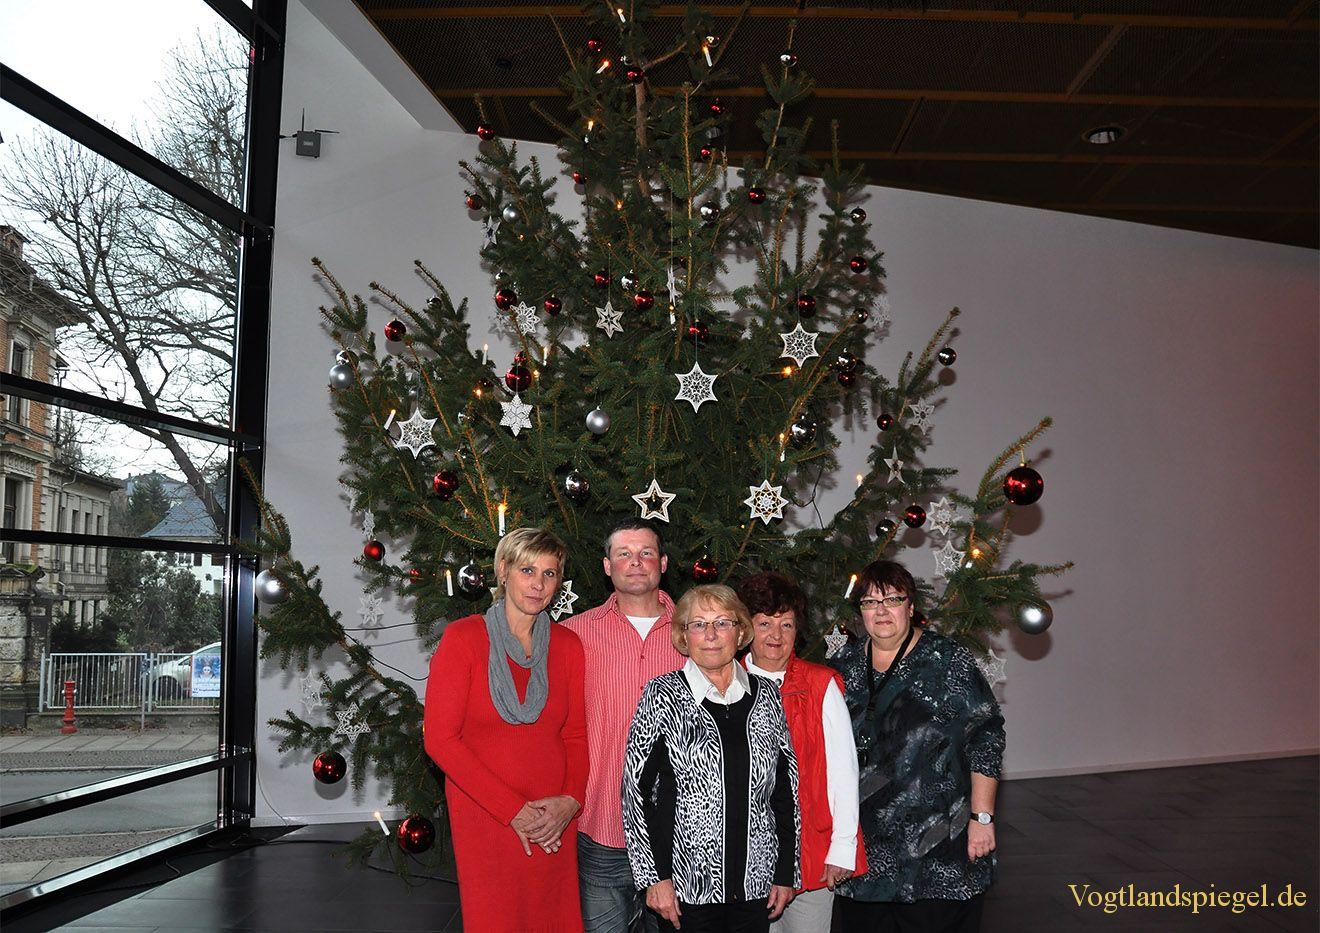 Prächtiger Tannenbaum in Vogtlandhalle Greiz erstrahlt